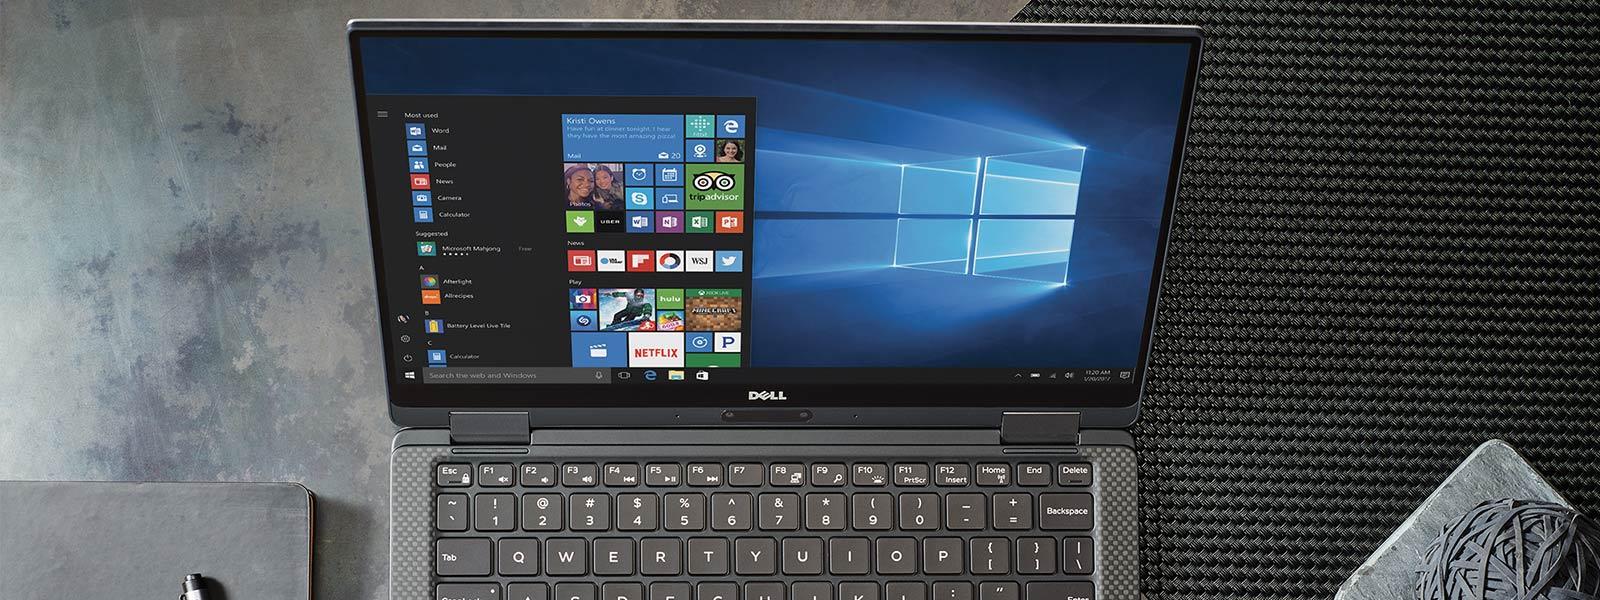 Dispositivo con pantalla Inicio de Windows 10